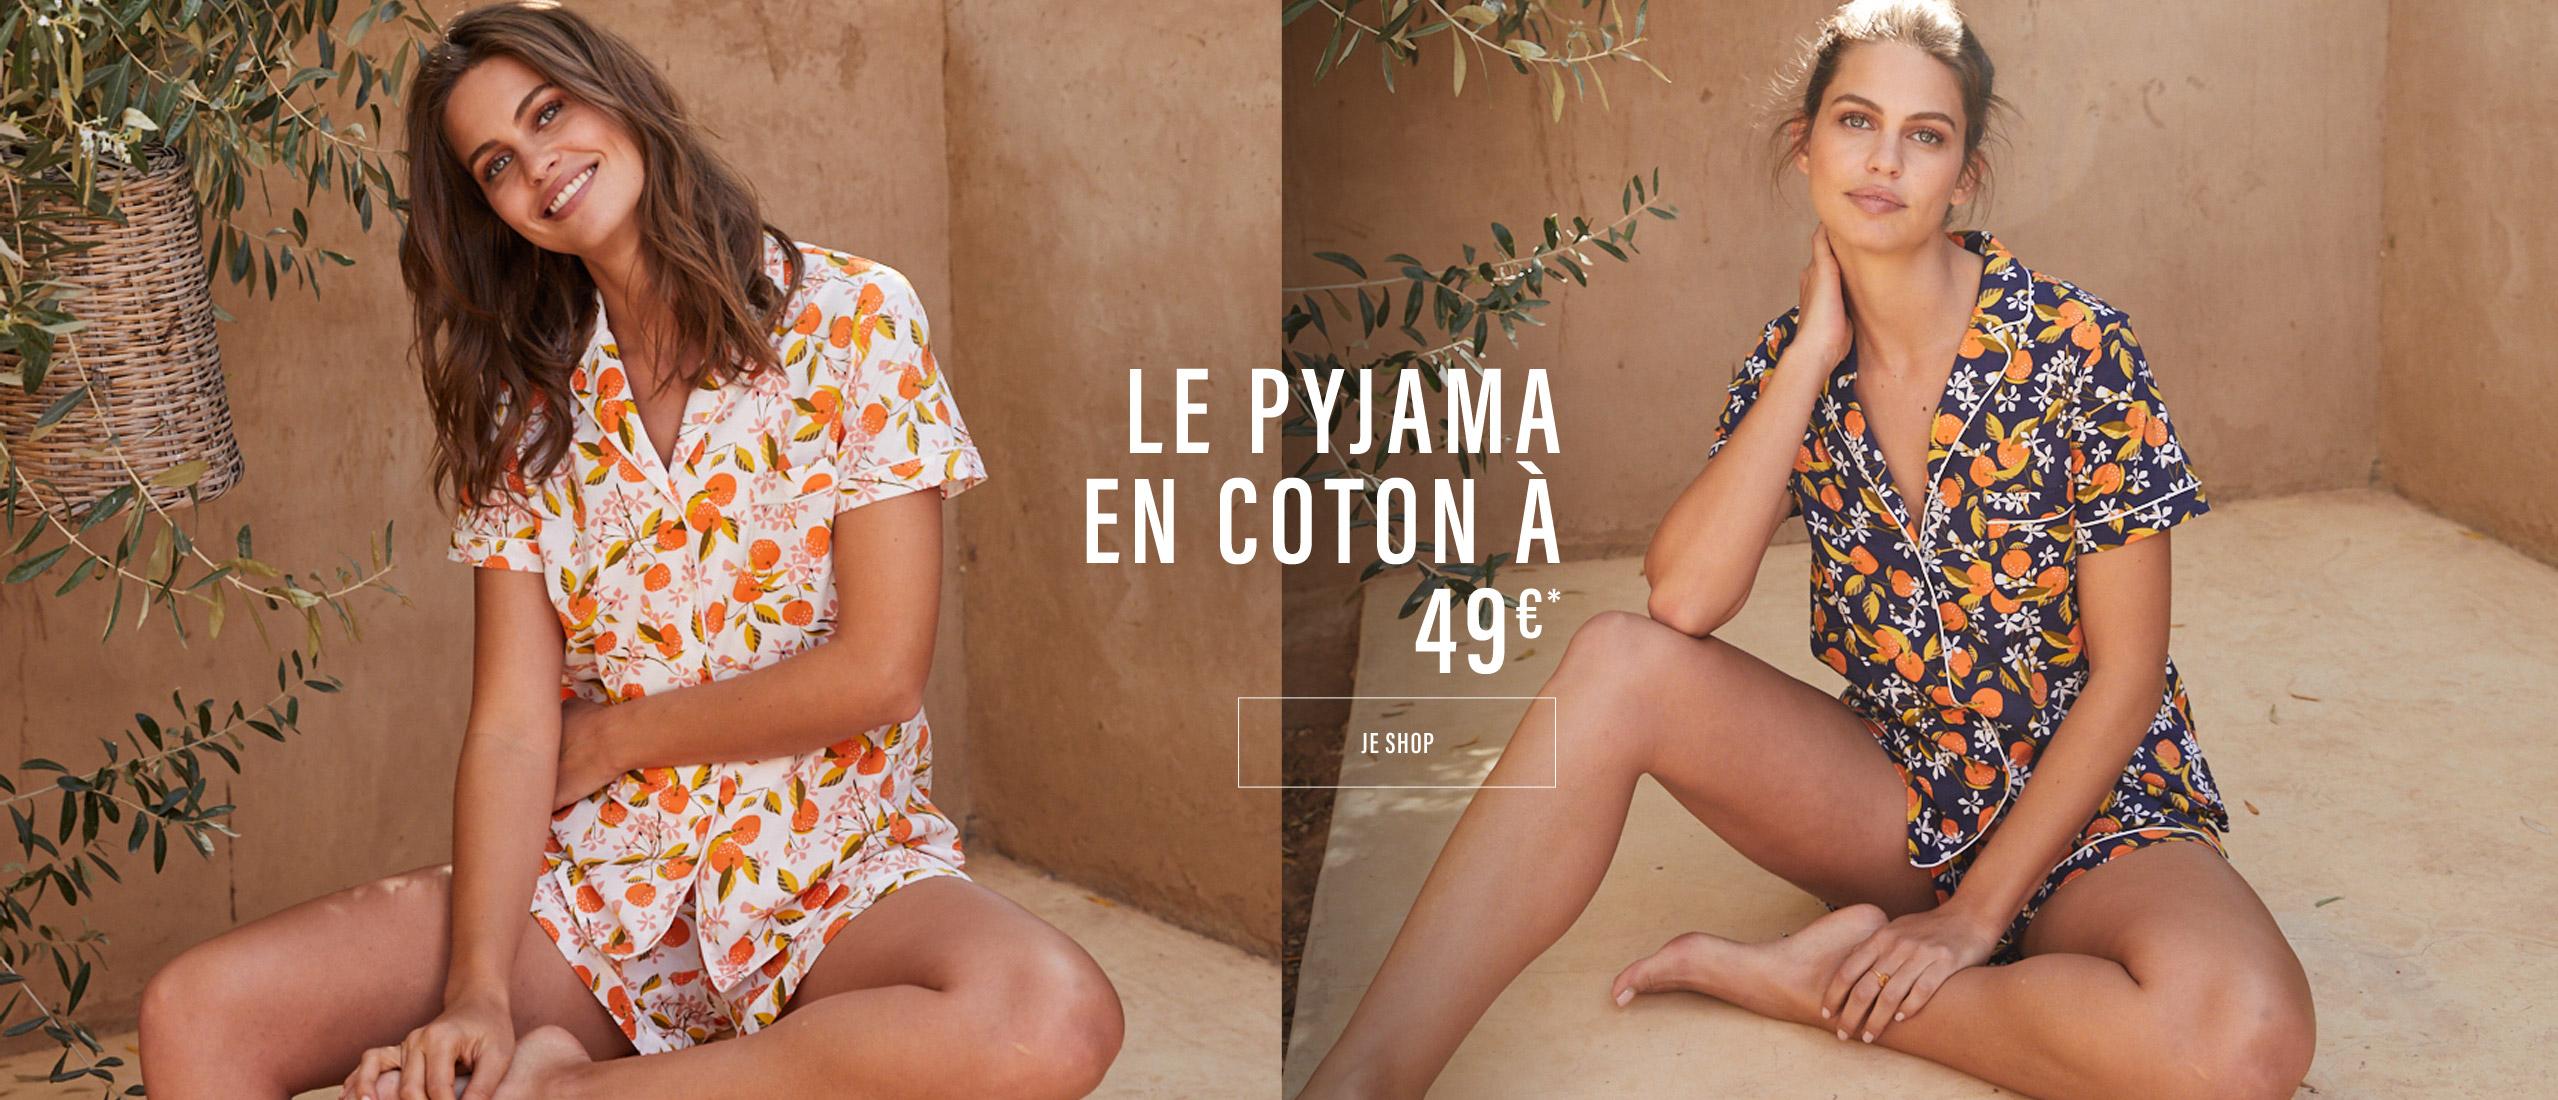 Le pyjama en coton à 49€*